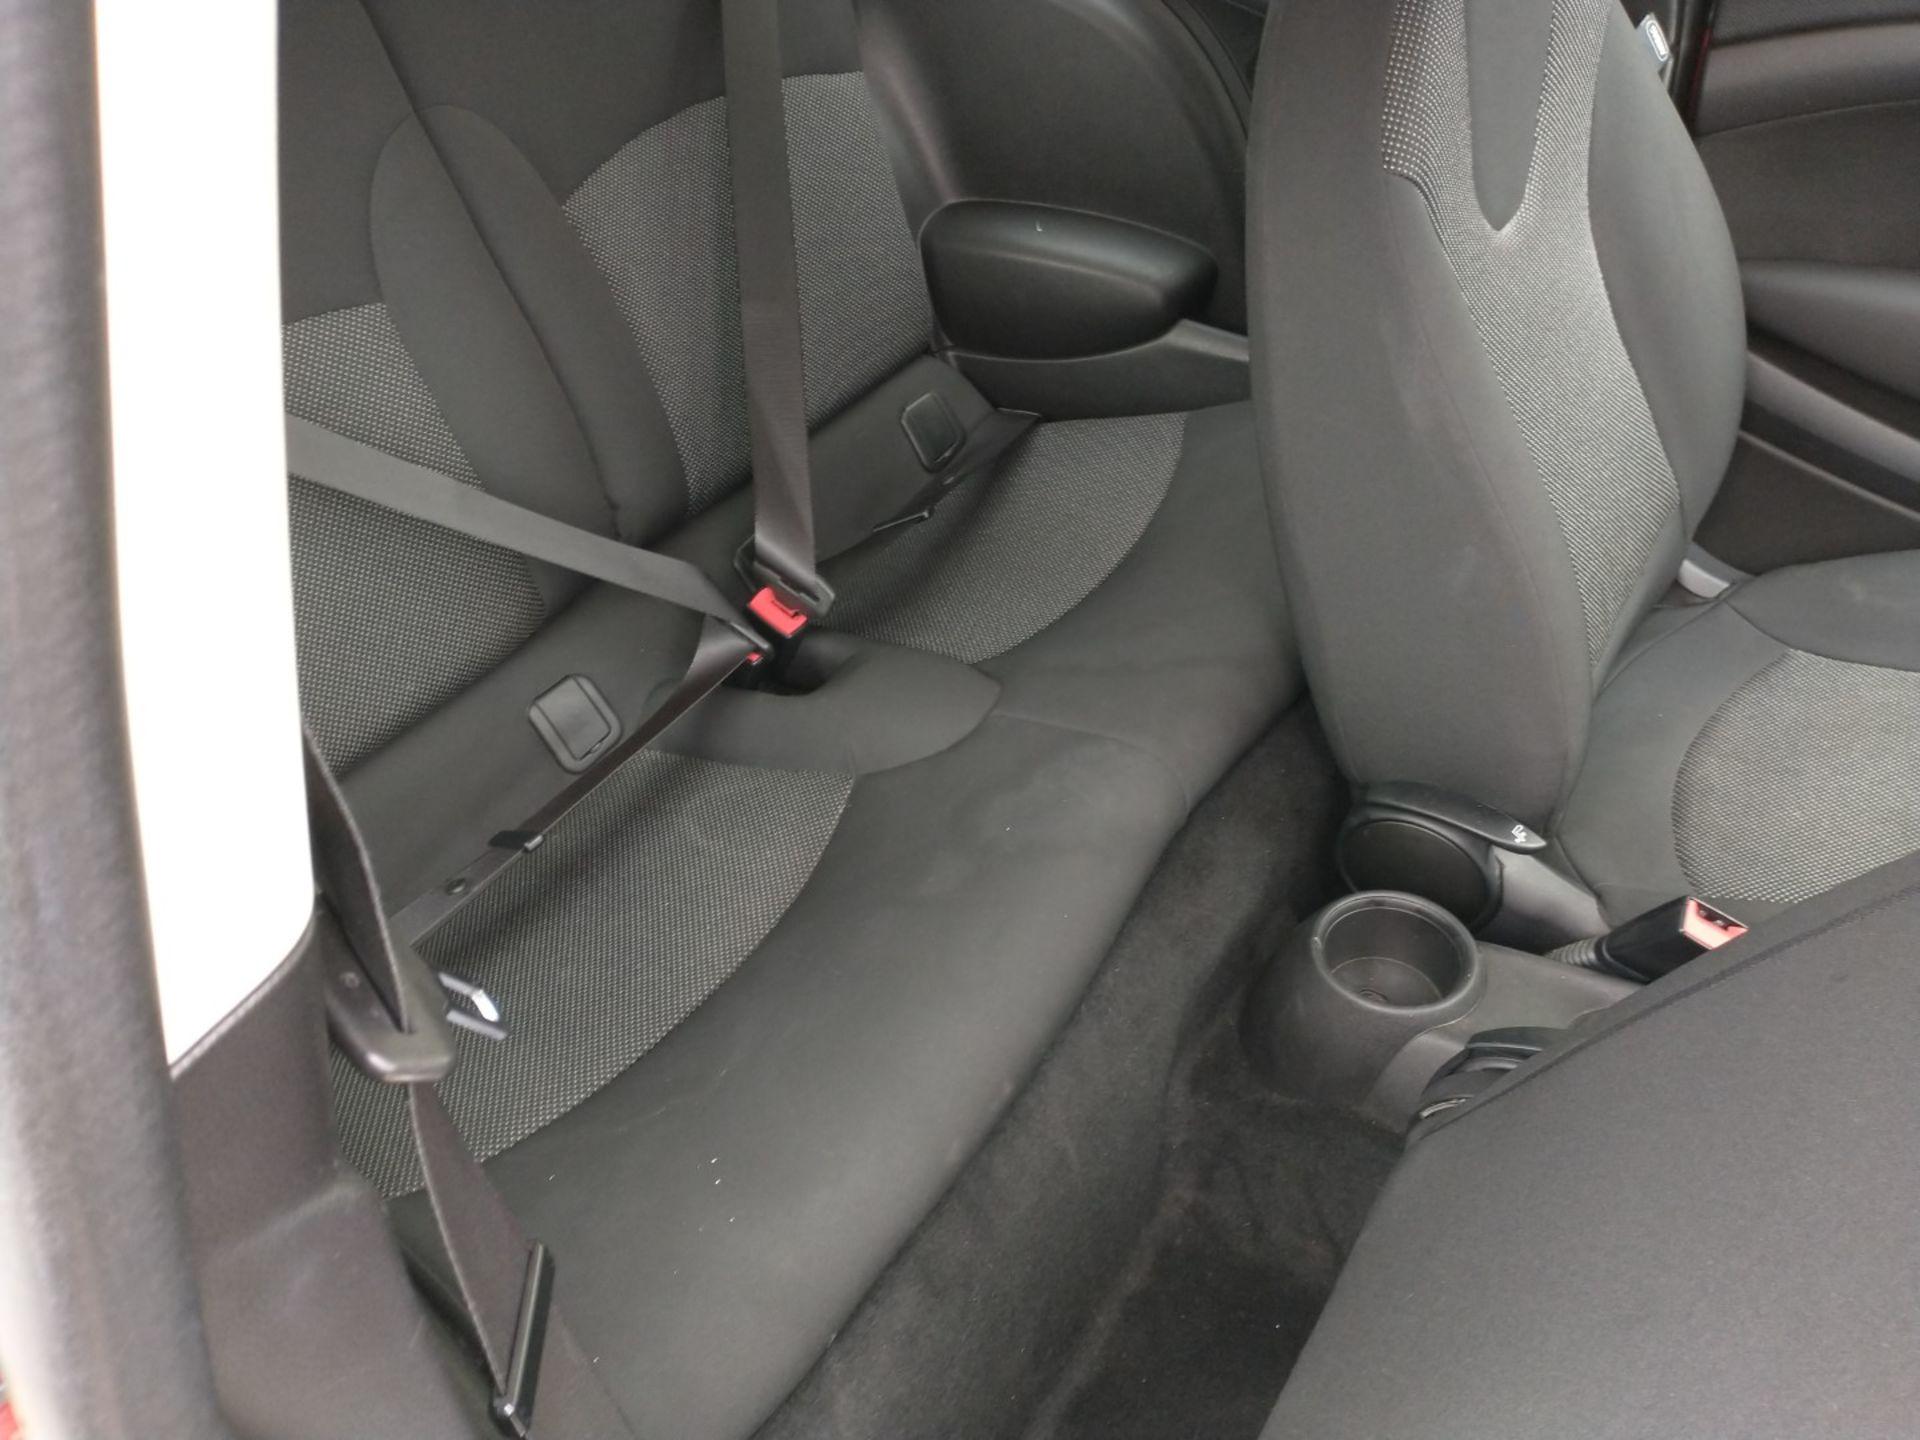 2012 Mini Cooper D 1.6 3Dr Hatchback - CL505 - NO VAT ON THE HAMM - Image 4 of 15